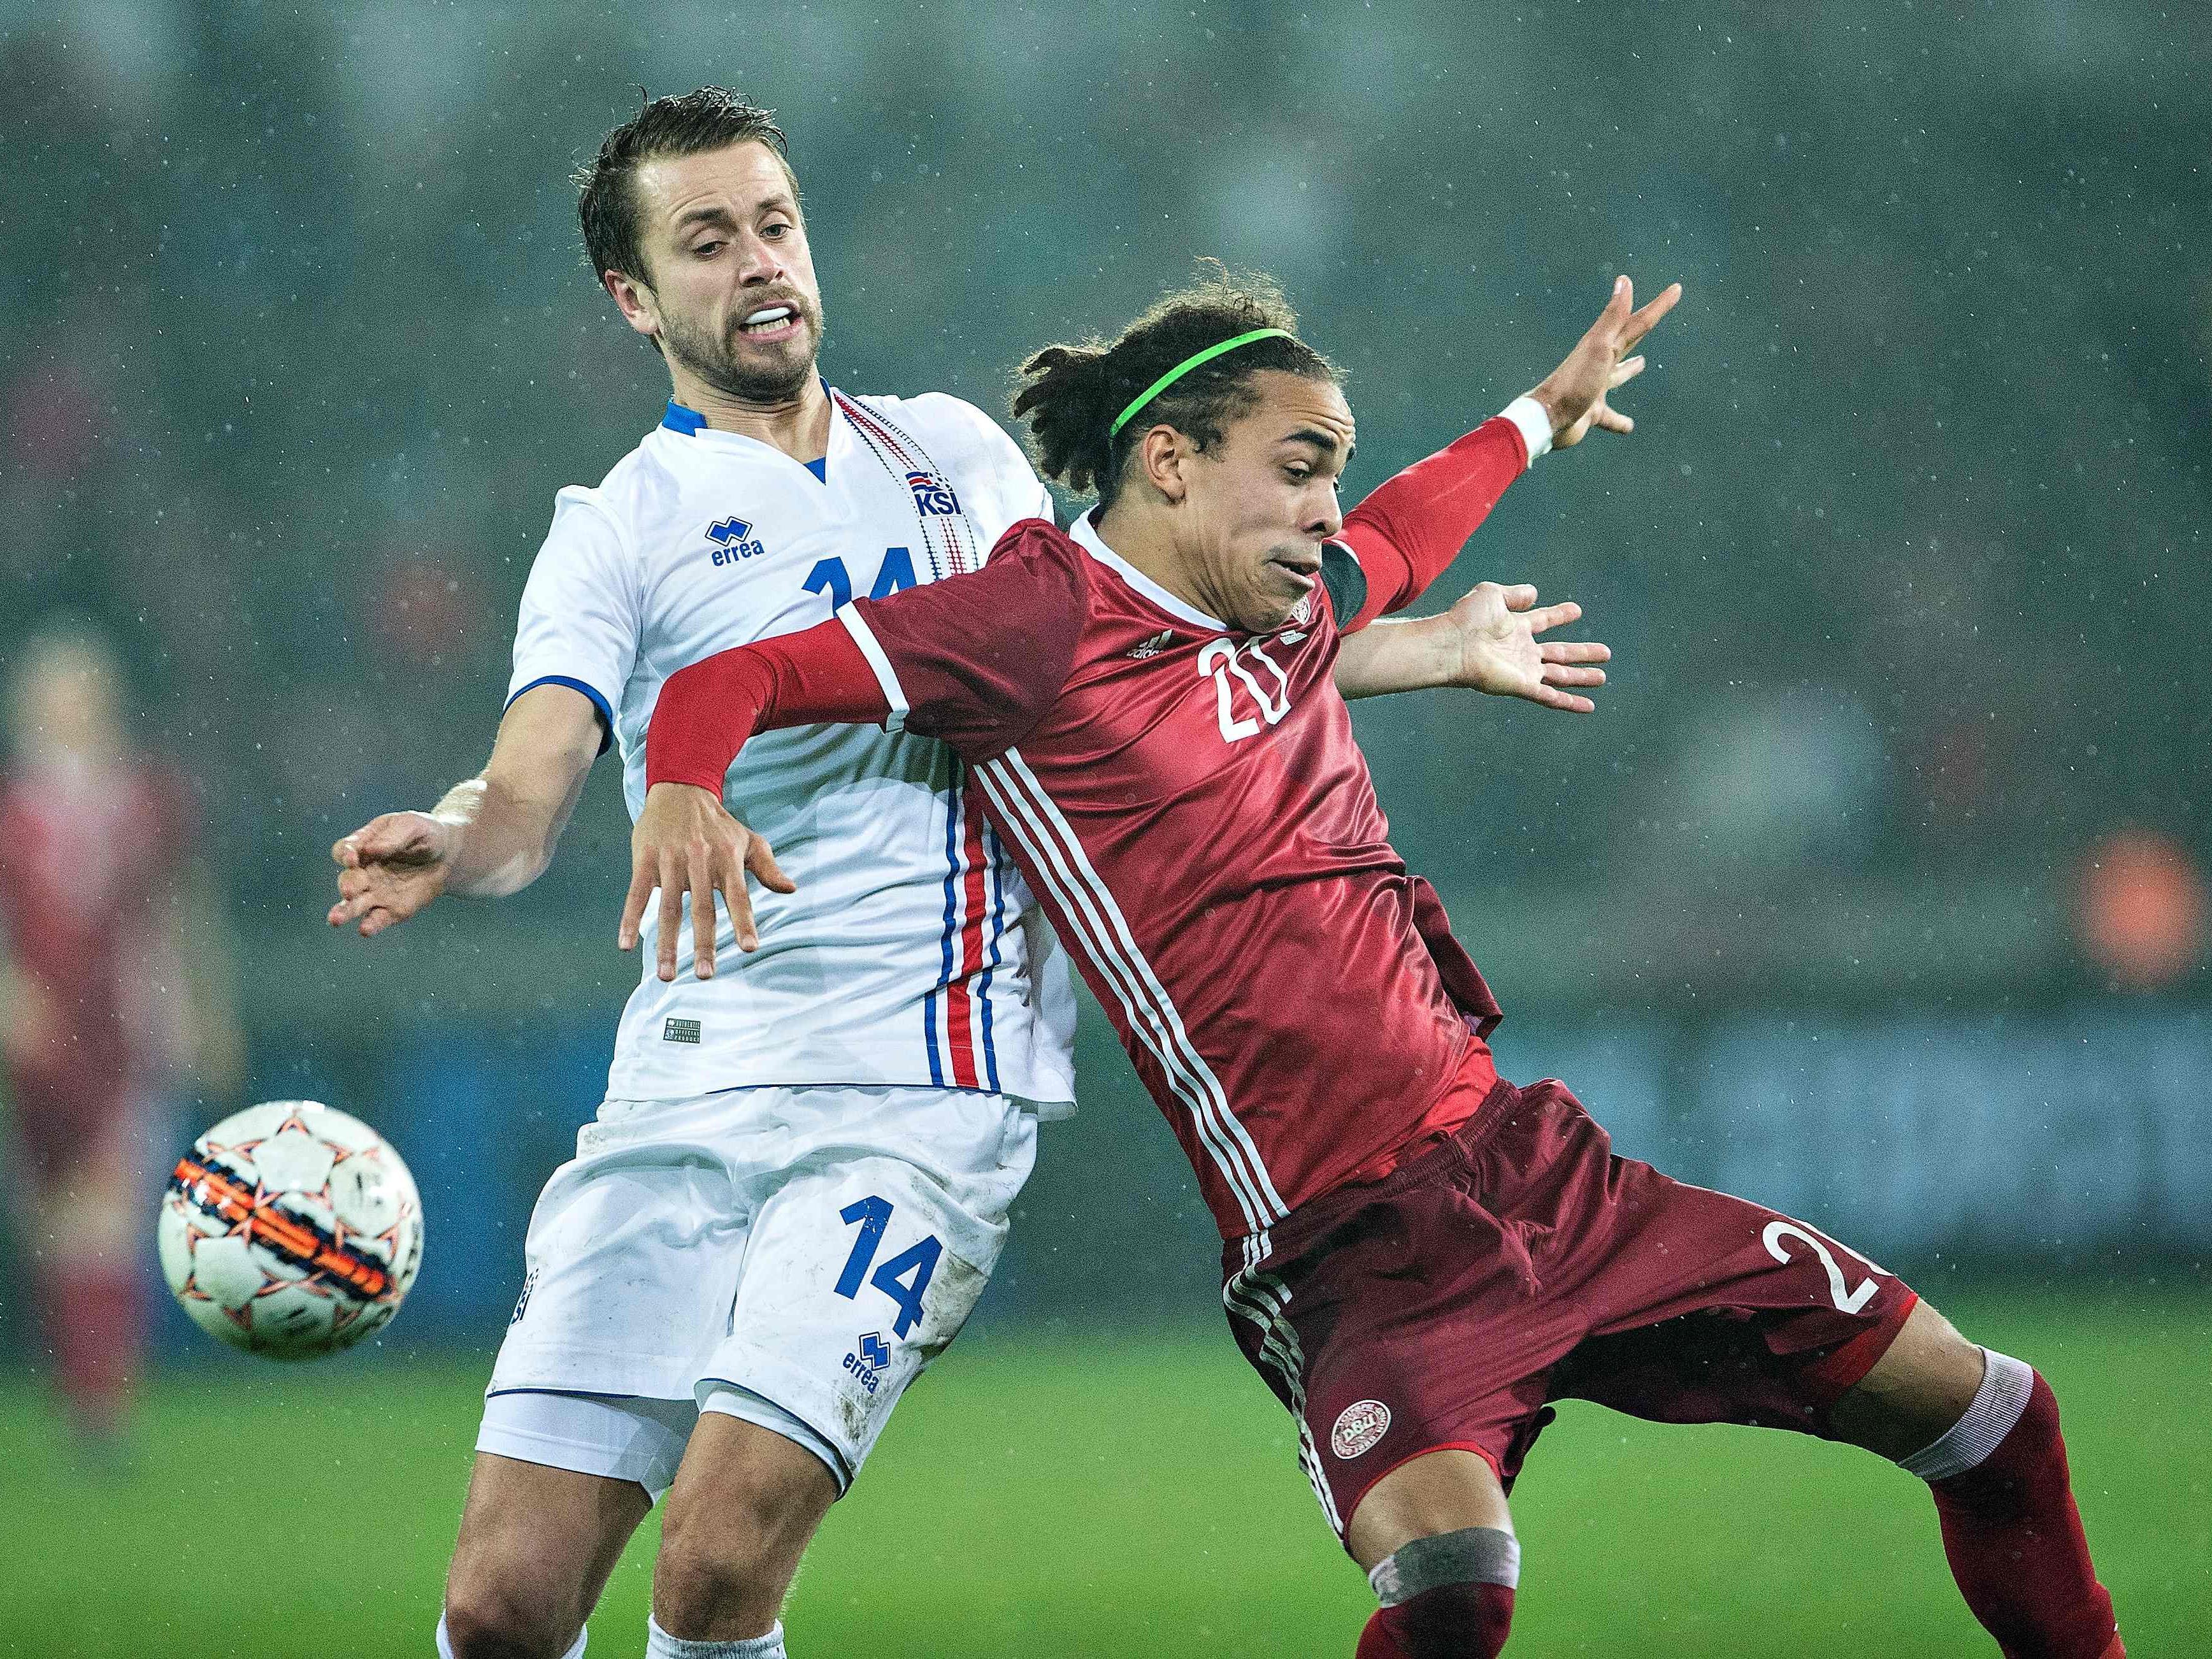 Der Däne Yussuf Poulsen (r.) machte ein starkes Spiel.